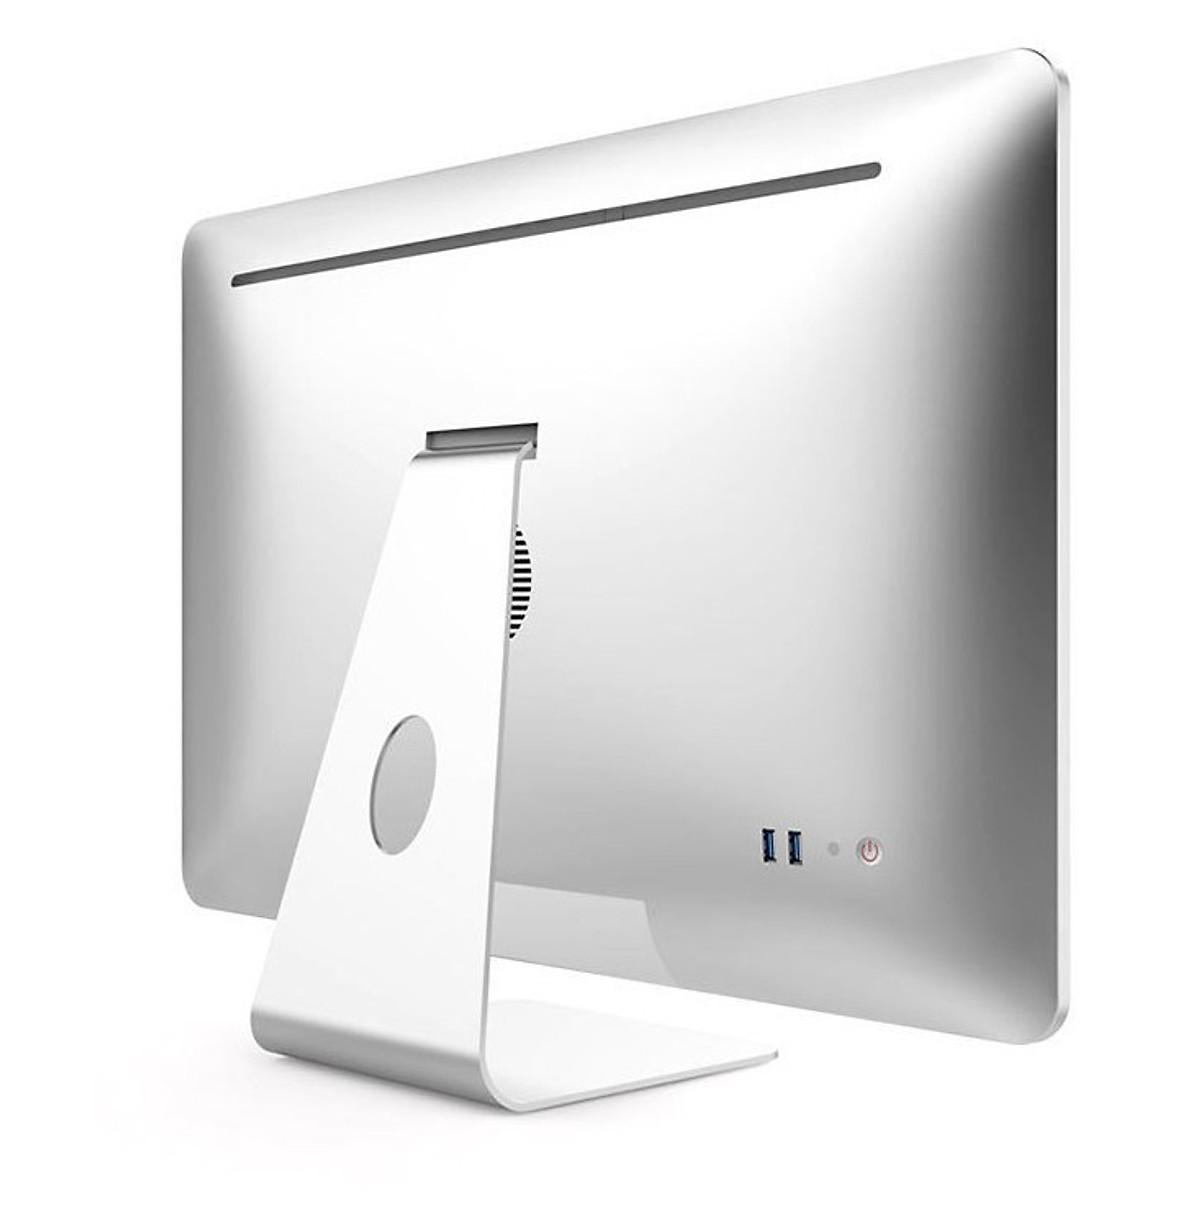 Bộ PC All in ONE (AIO) MCC3941 Home Office Computer CPU G3900/ DDR4 4G/ SSD120G/ Wifi/ Camera/ 22inch -  hàng chính hãng